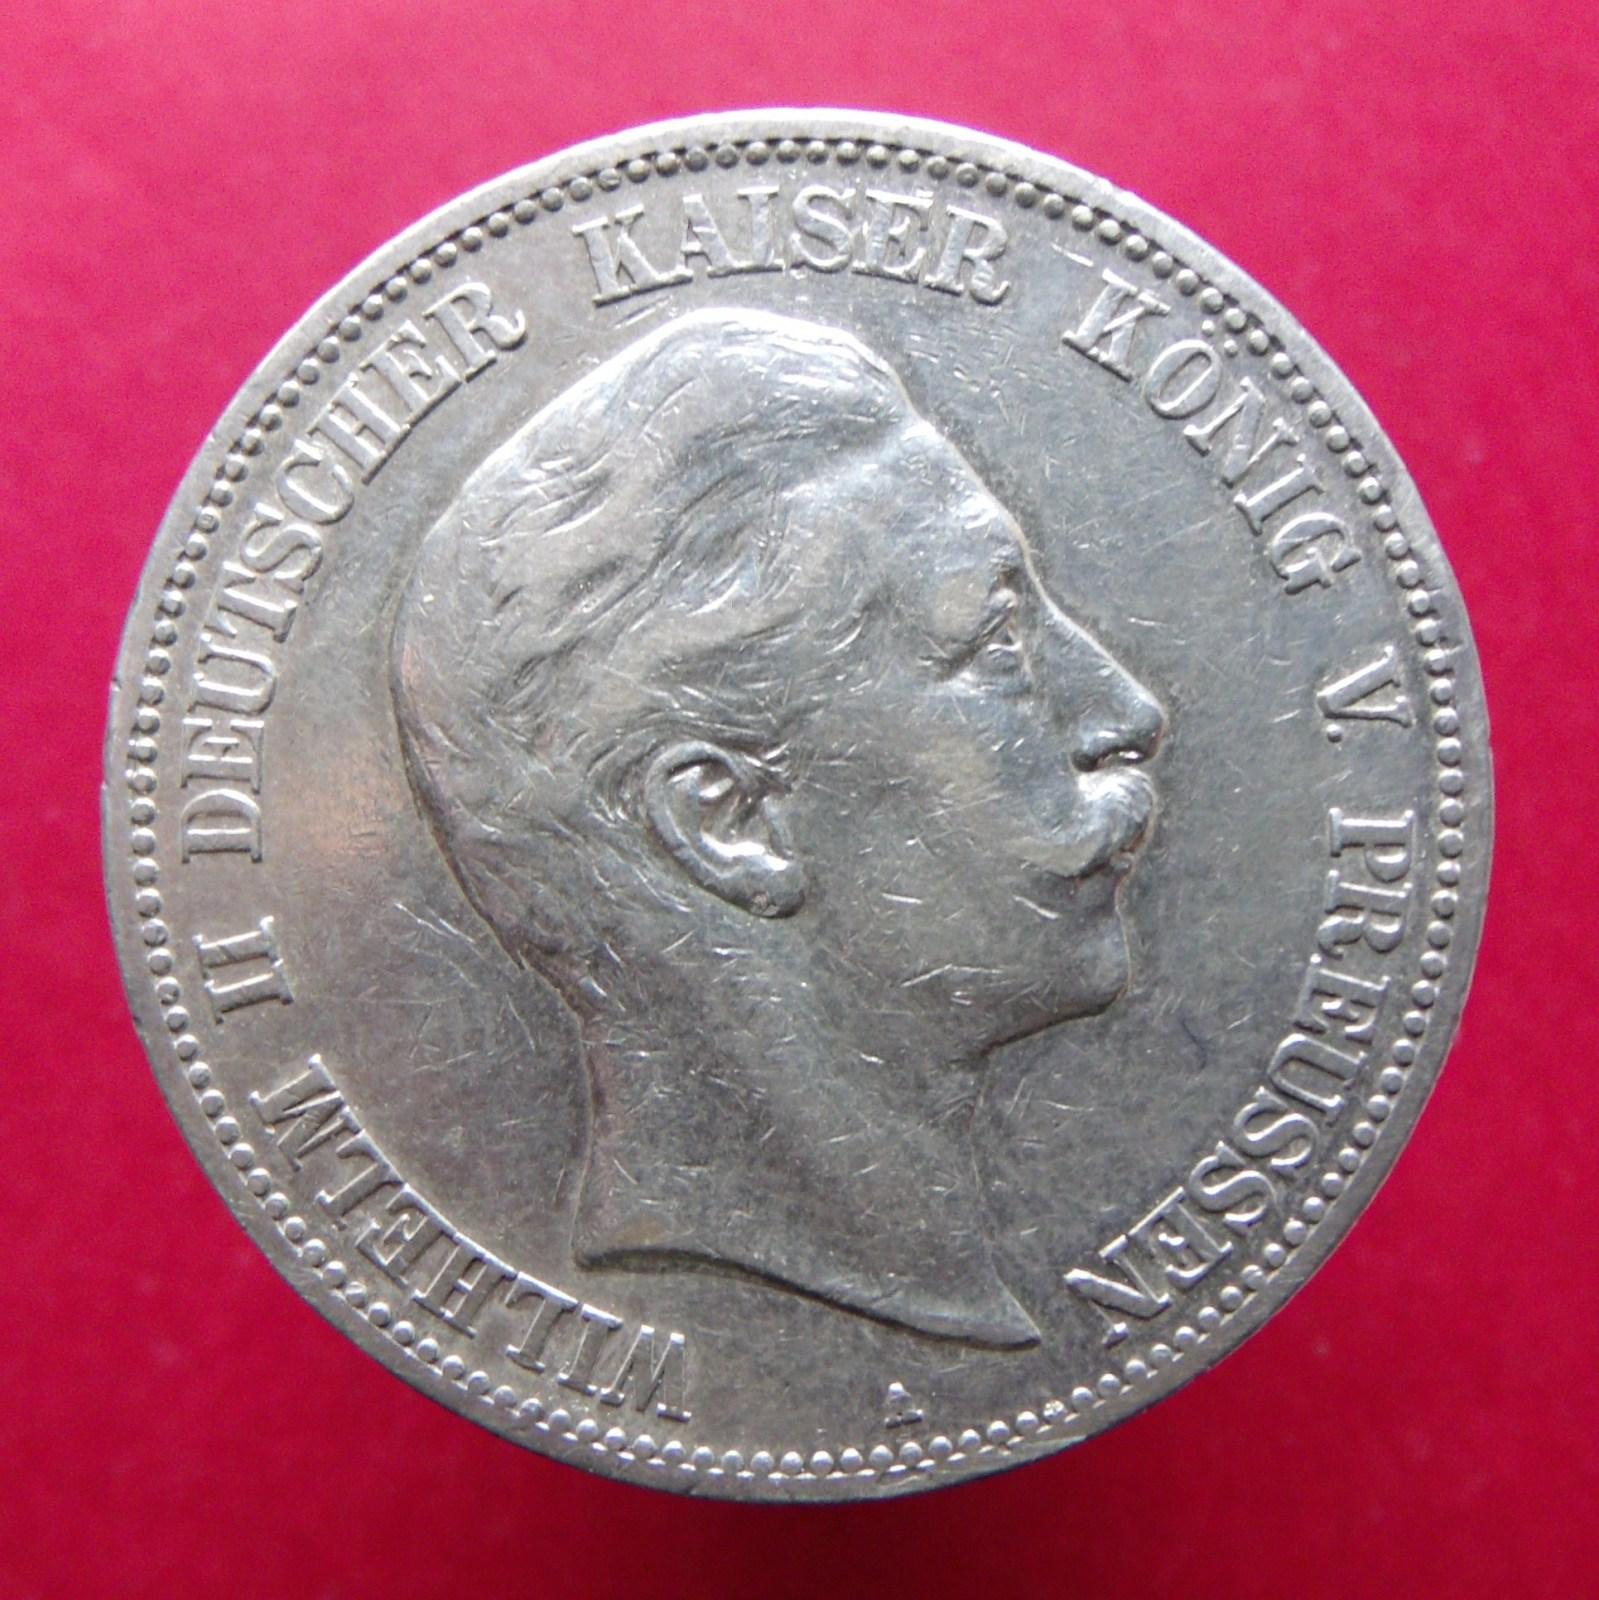 Alemania. Monedas del Reino de Prusia (1701-1918) - Página 1 1zg4yvp